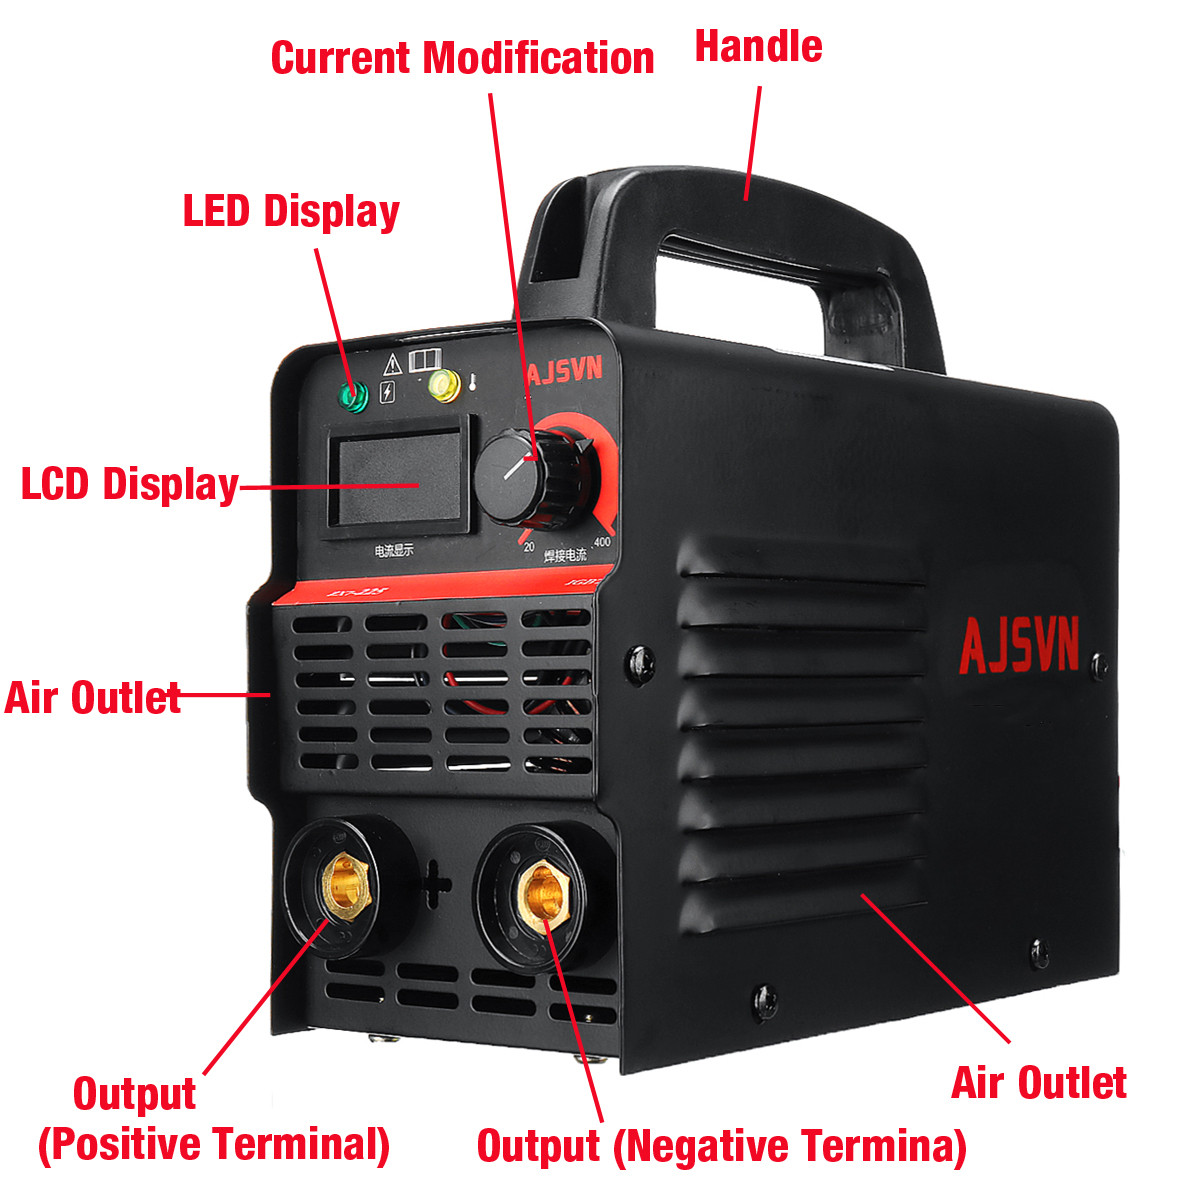 Новый 220 В Регулируемый 20A-225A 4200 Вт ручной IGBT инвертор дуговой сварщик-сварочный аппарат цифровой дисплей мини портативный сварочный инстру...